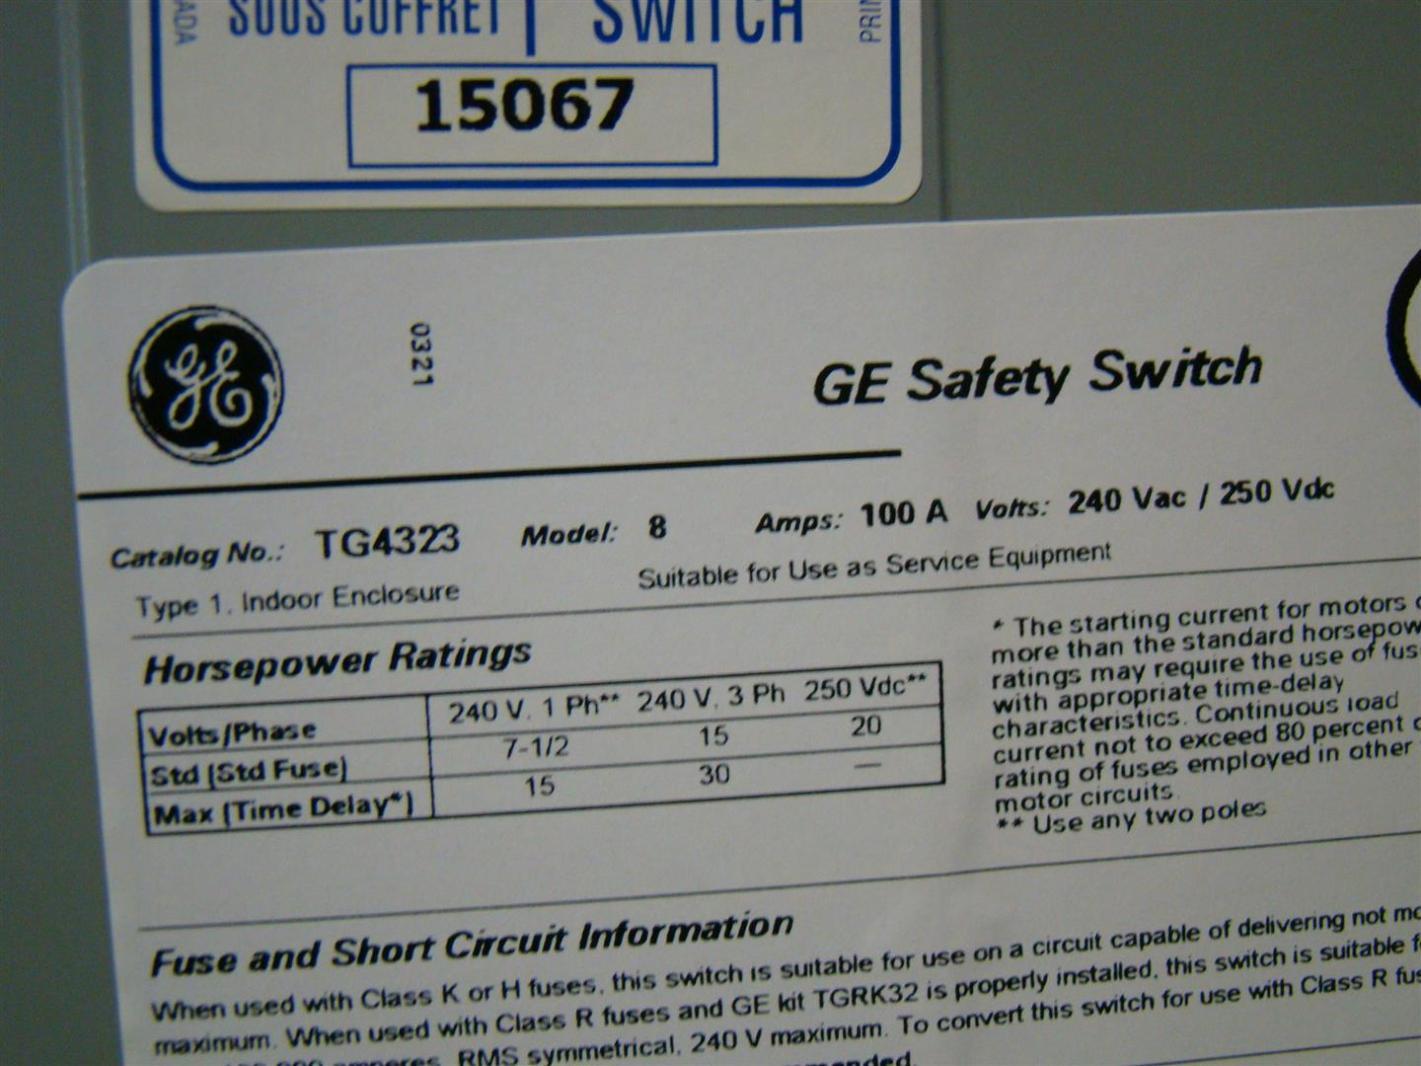 GE General Duty Safety Switch 100amp 240V ac 30HP Model 8 TG4323 | eBay